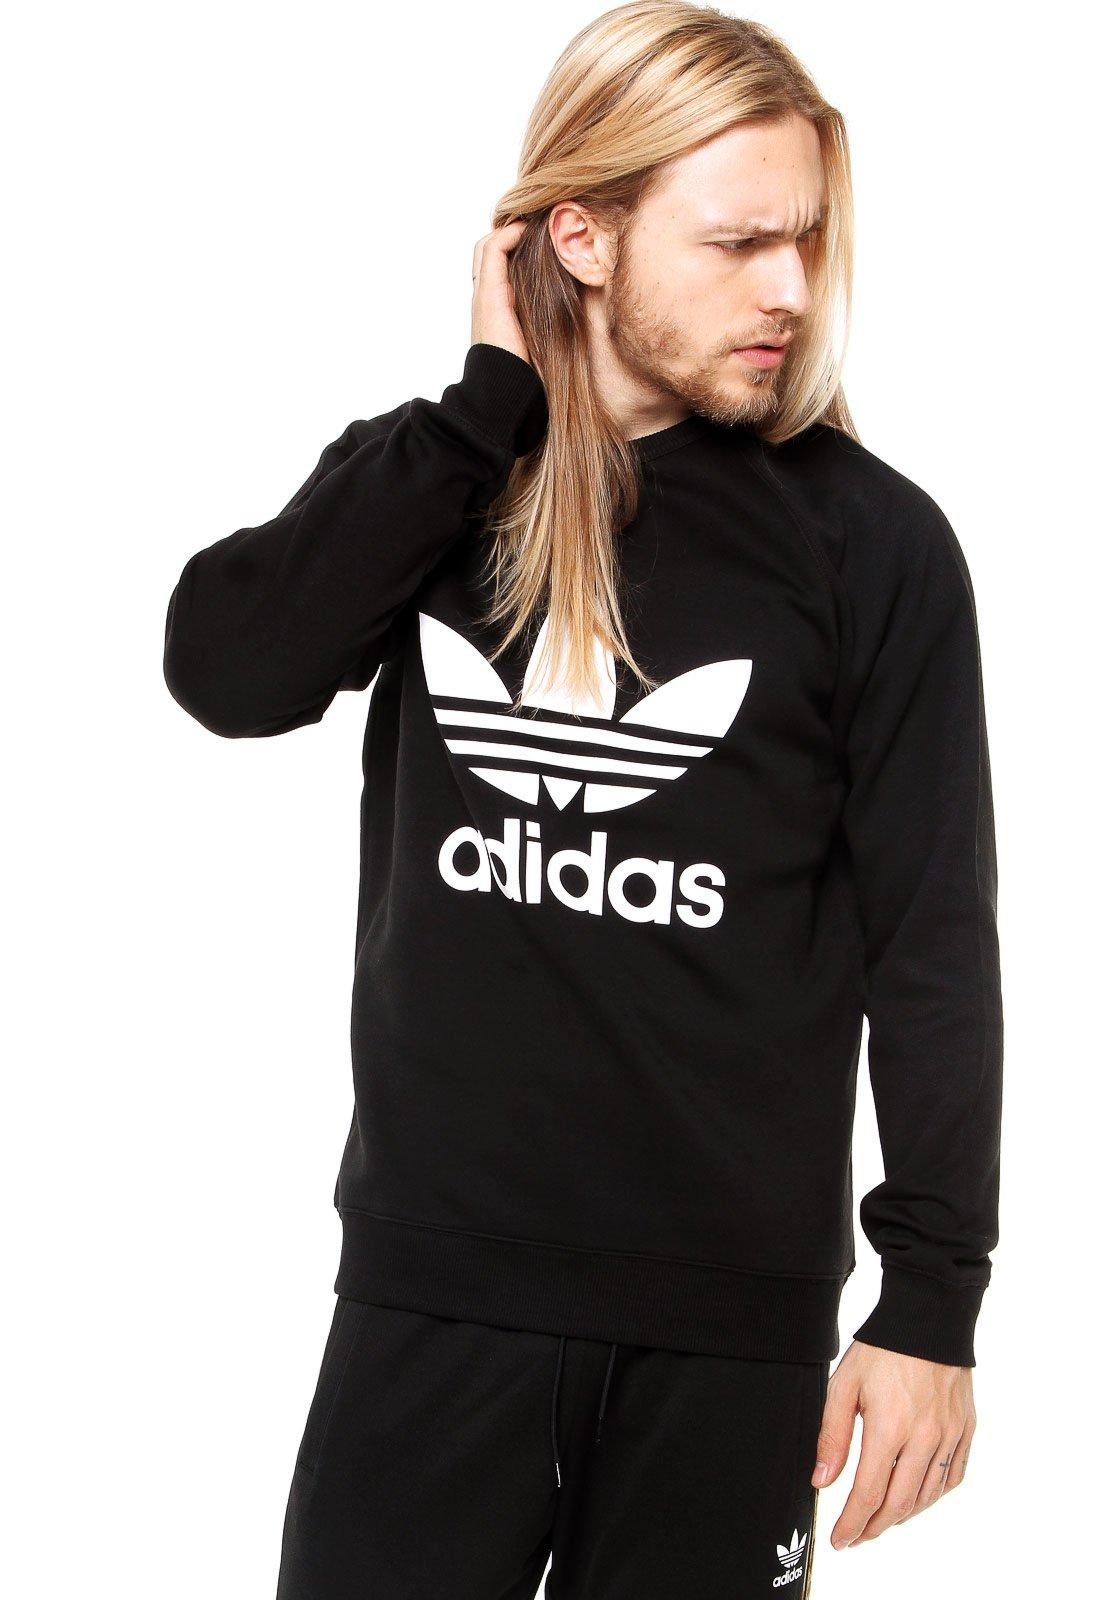 7872583434 Moletom adidas Originals Trefoil Flee Crew Preto - Compre Agora ...